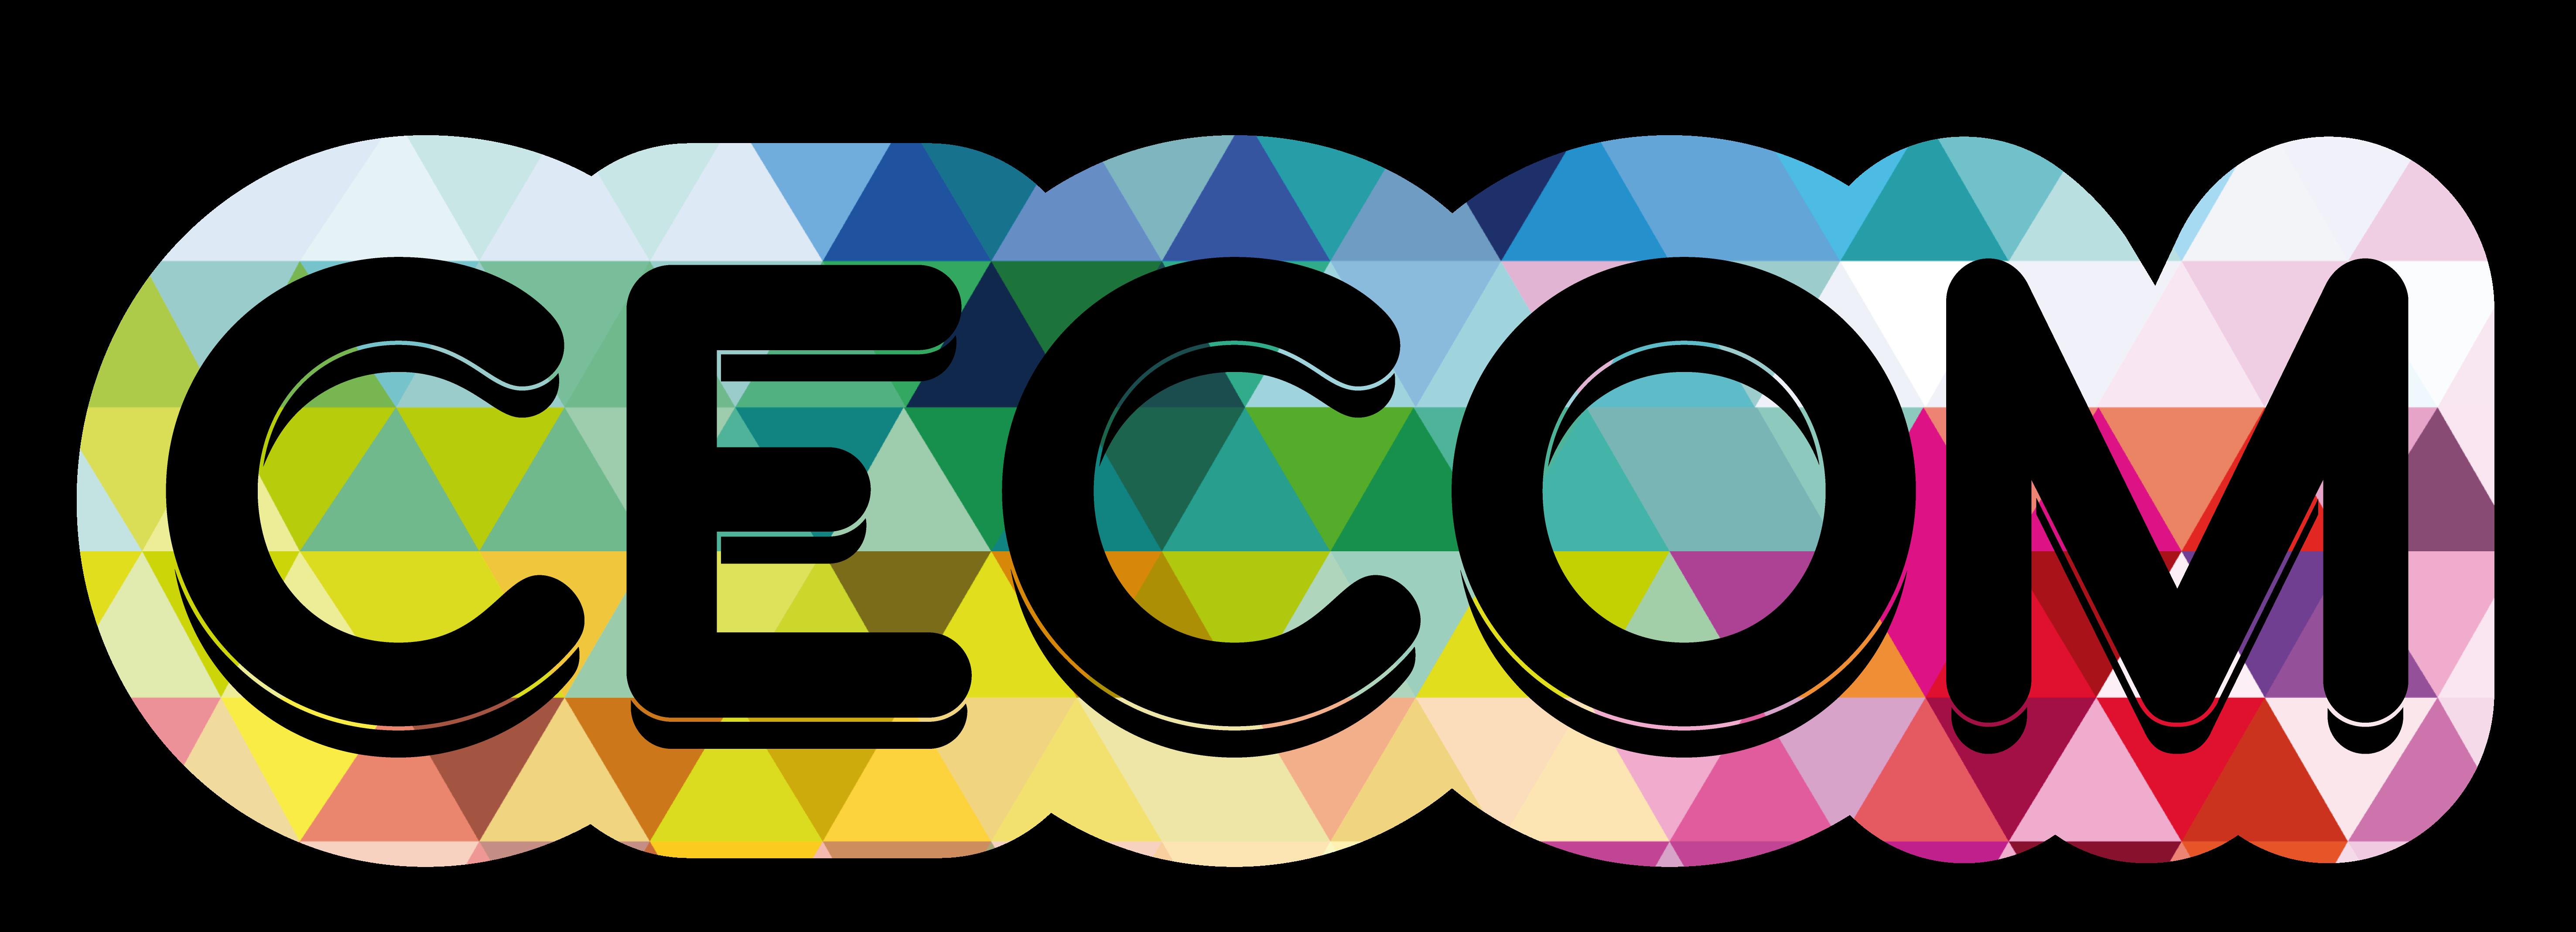 CECOM UC